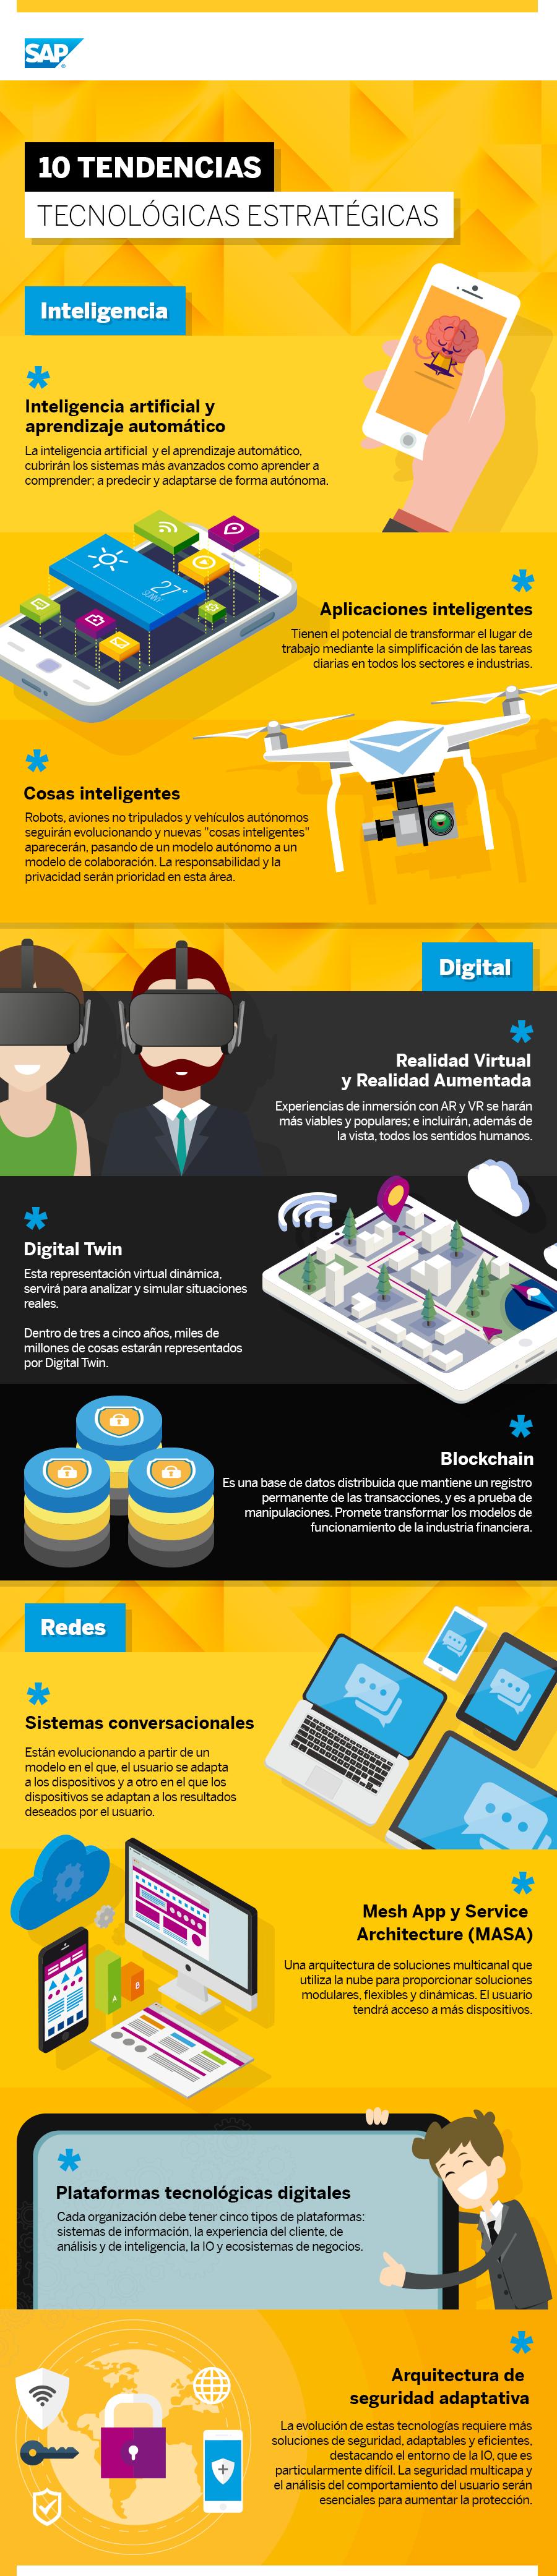 10 tendencias tecnológicas estratégicas para 2017 #infografia #infographic